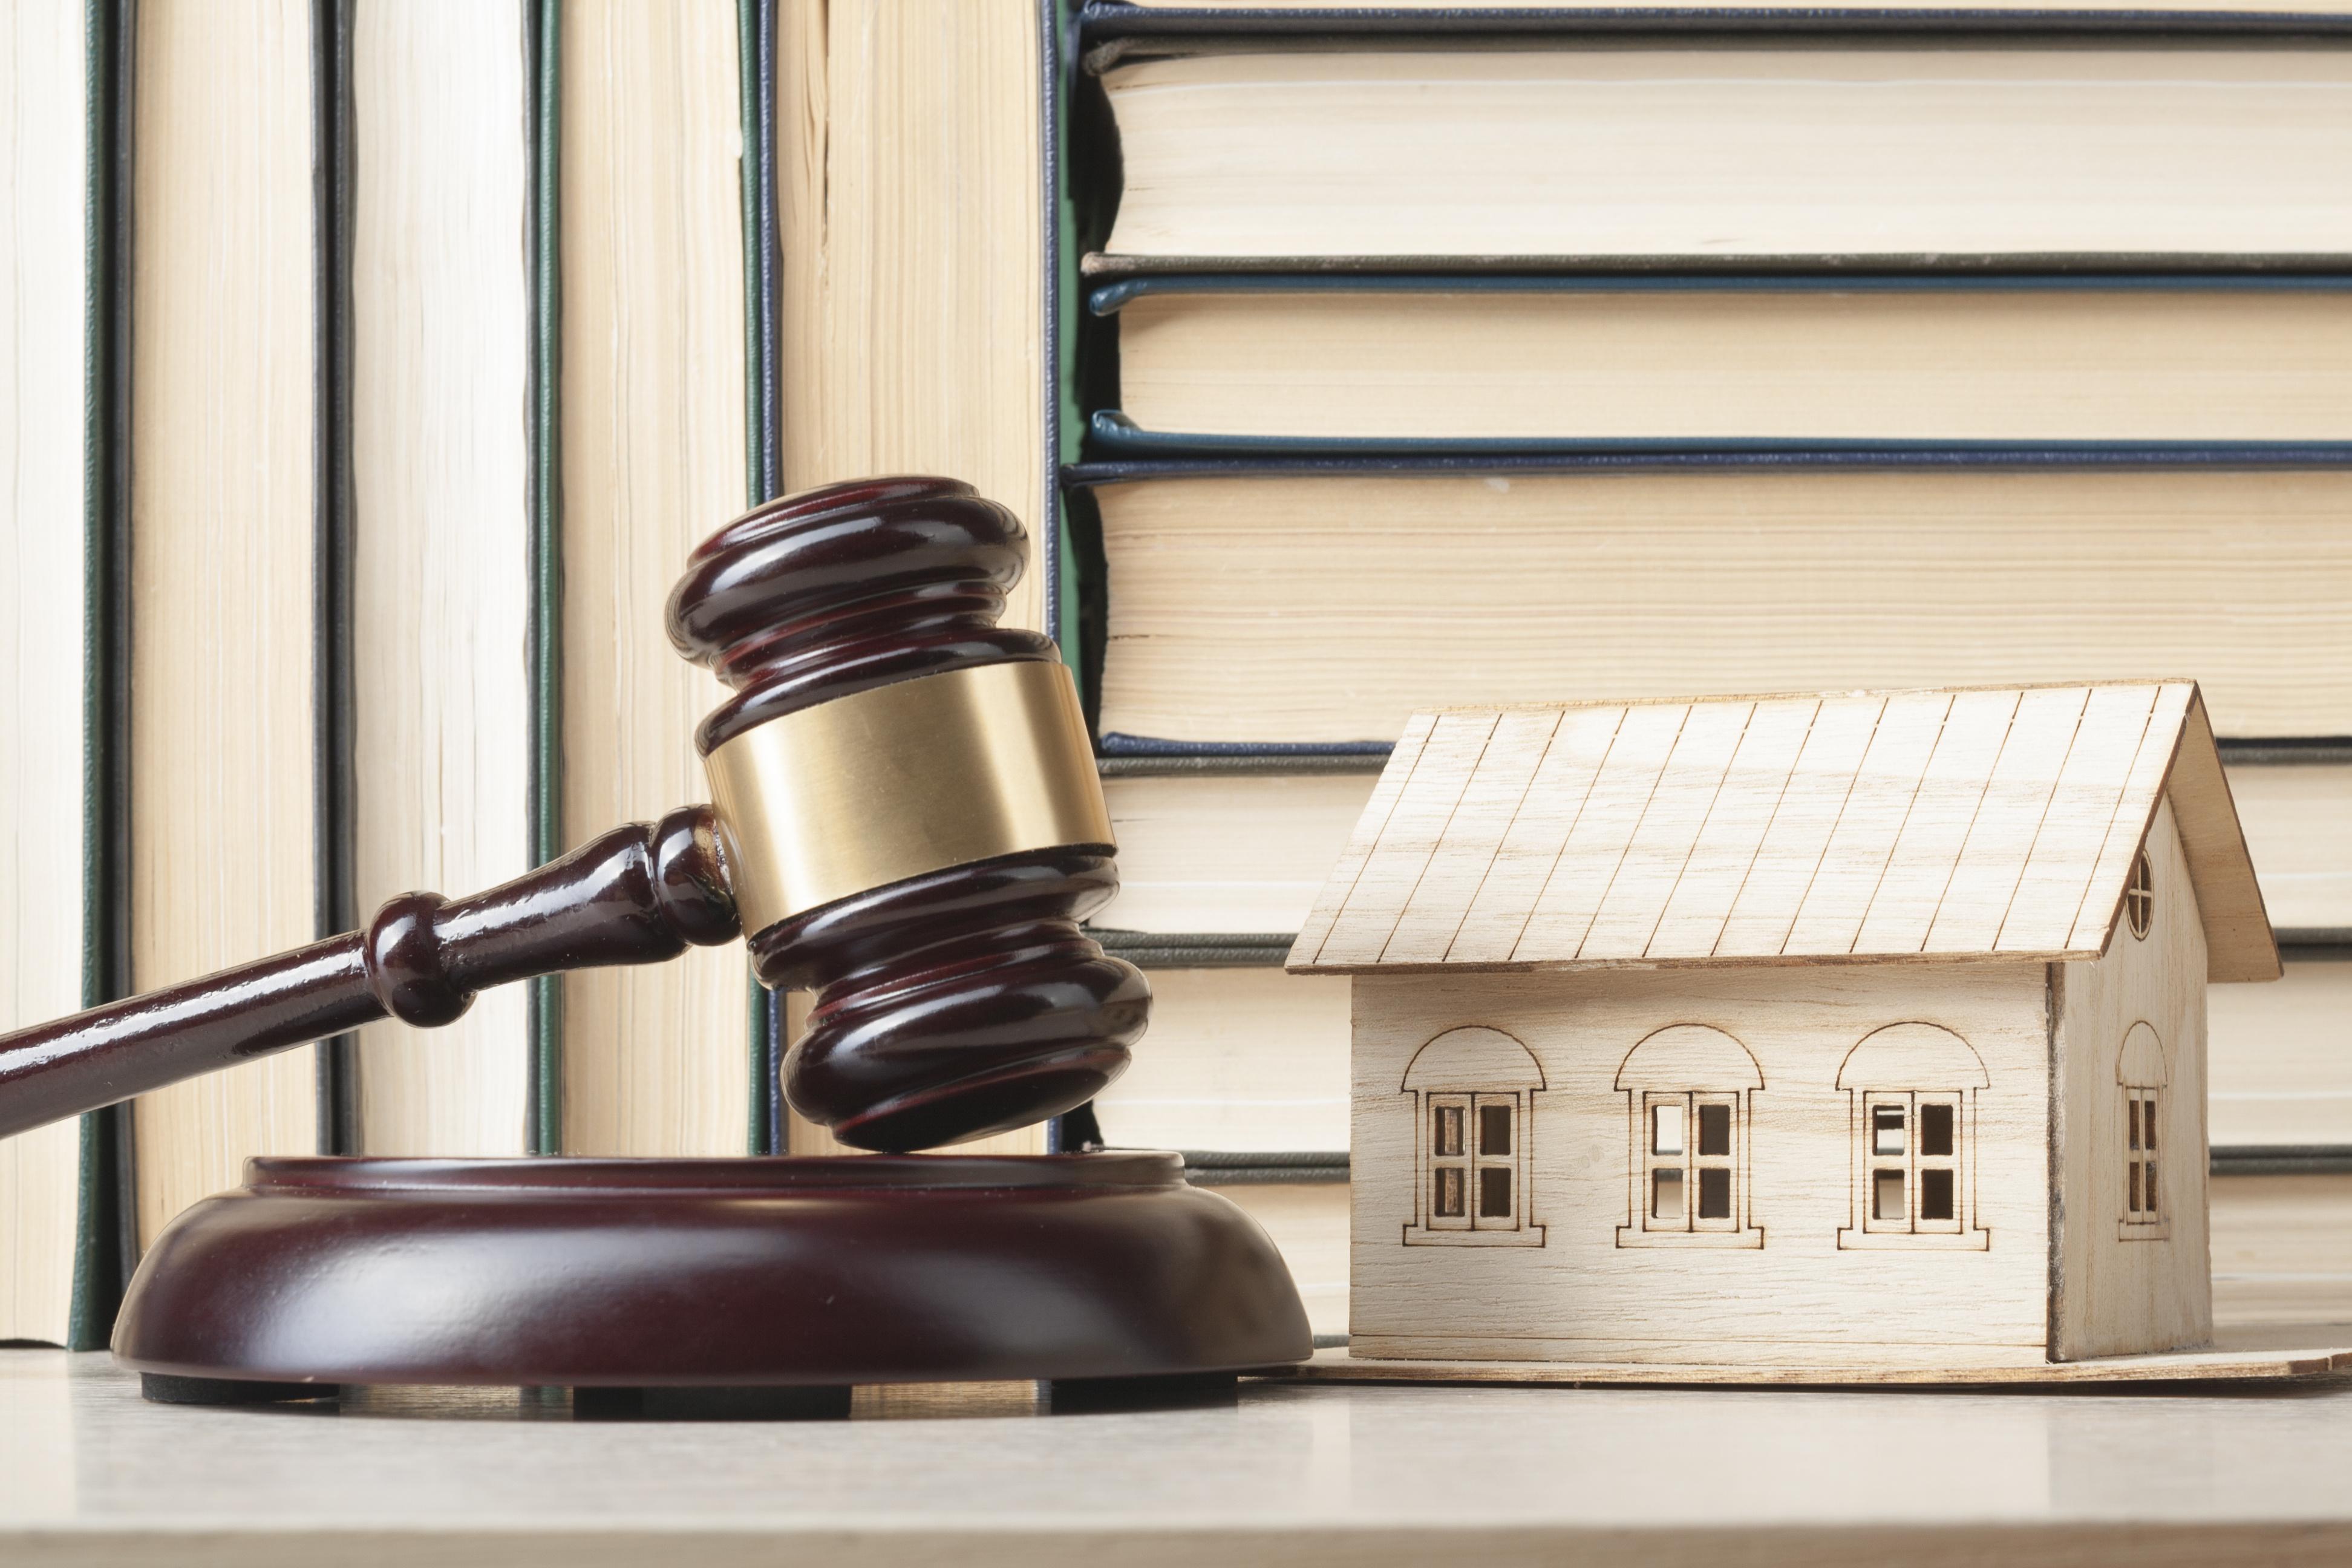 Przekształcenie użytkowania wieczystego w prawo własności